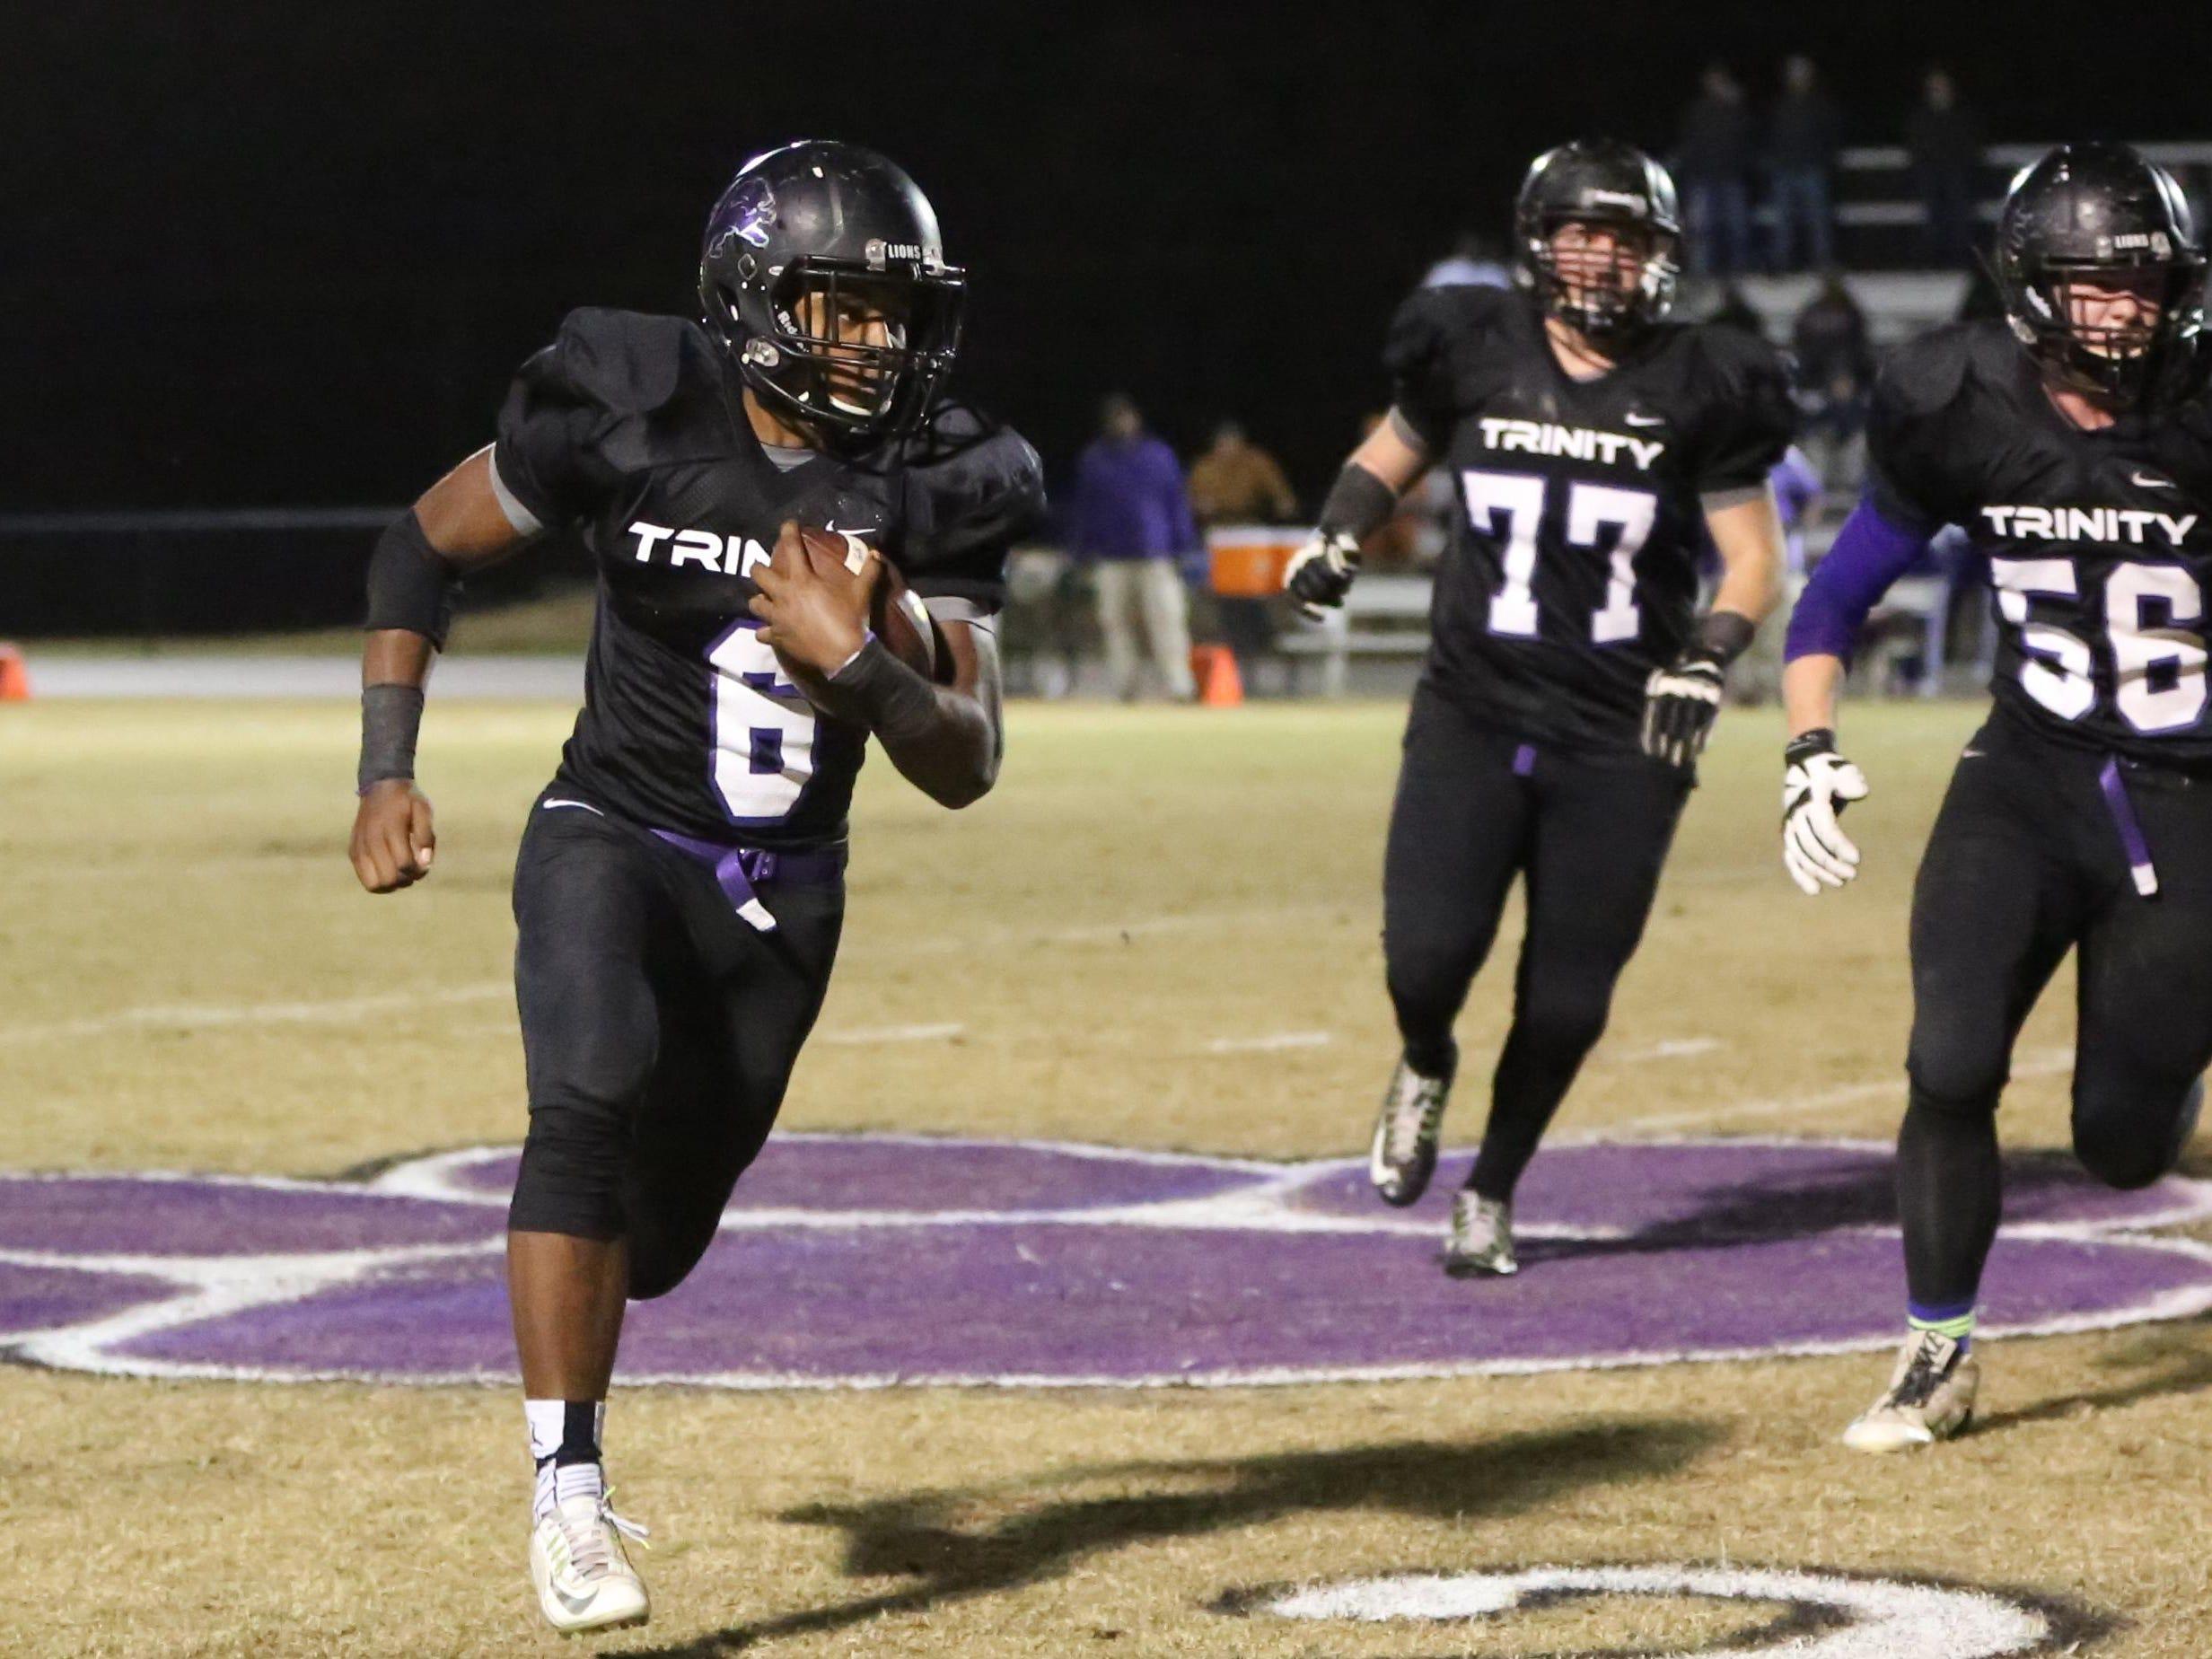 Trinity's Viktor Horton runs to the sideline to avoid the Trezevant defense Friday in the Class 2A semifinals at TCA.